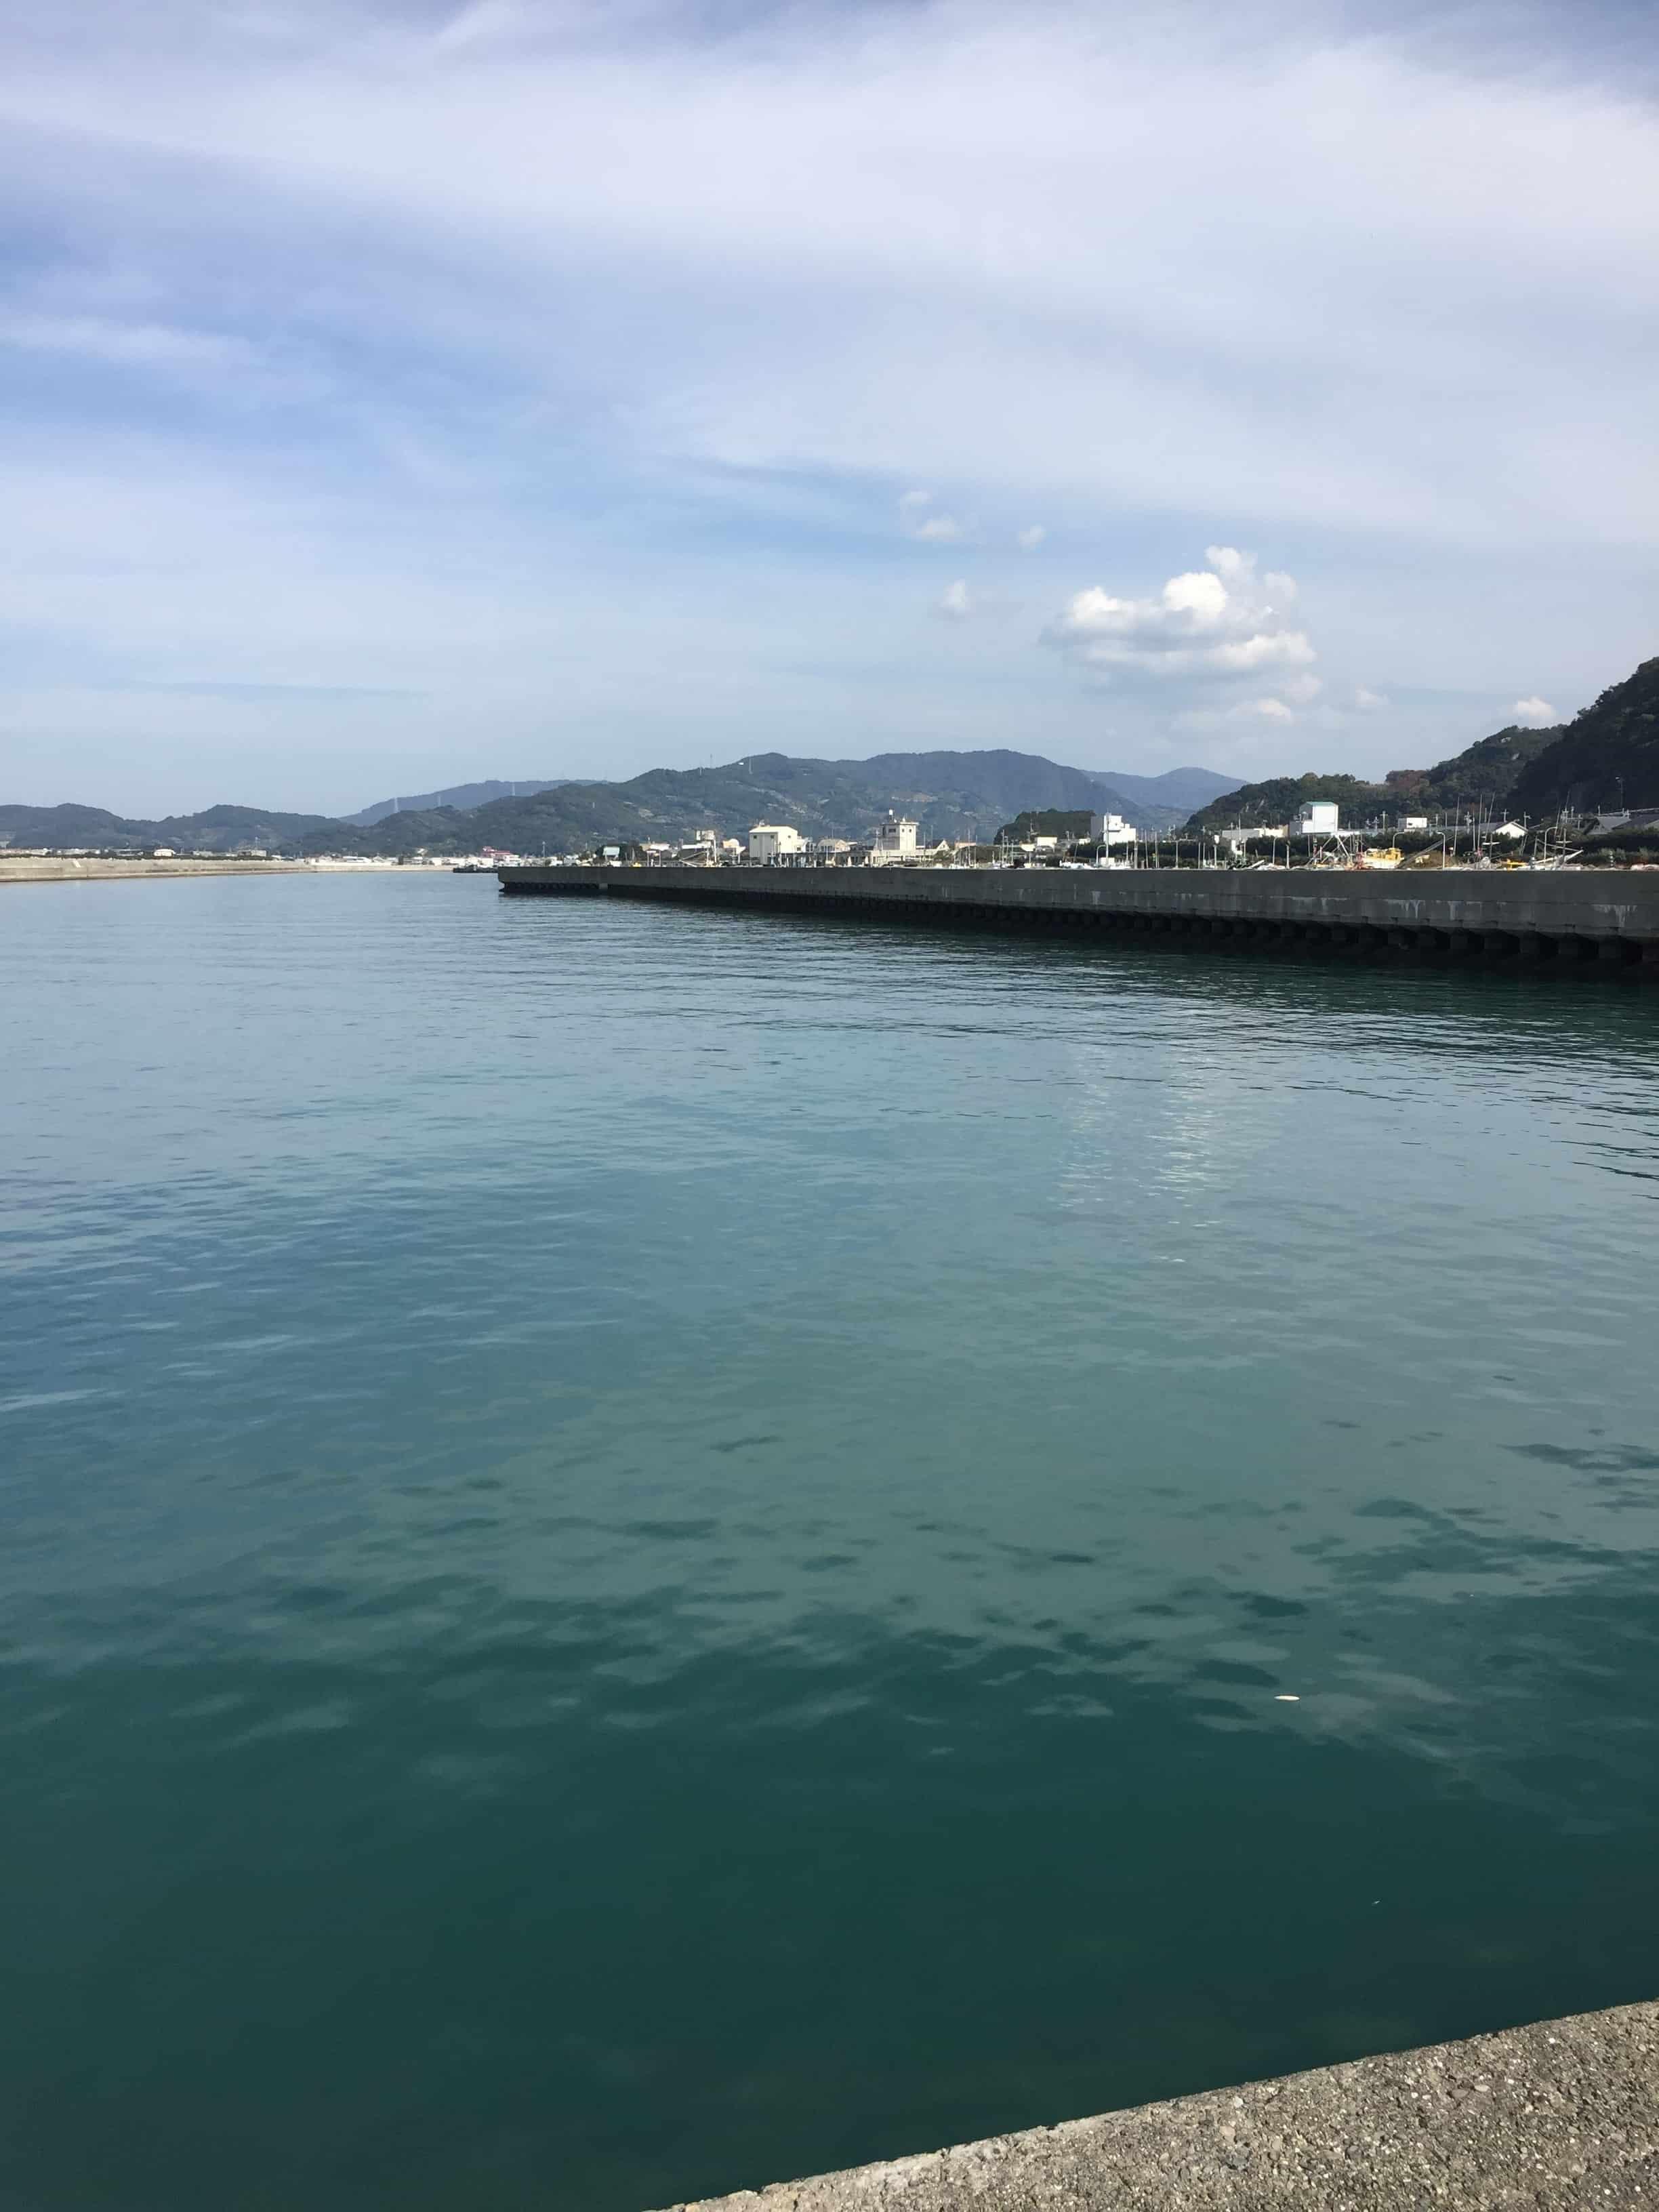 和歌山箕島港の釣り場紹介、和歌山中紀のシーバス・コウイカ狙いとファミリーフィッシングにオススメの足場のいい漁港